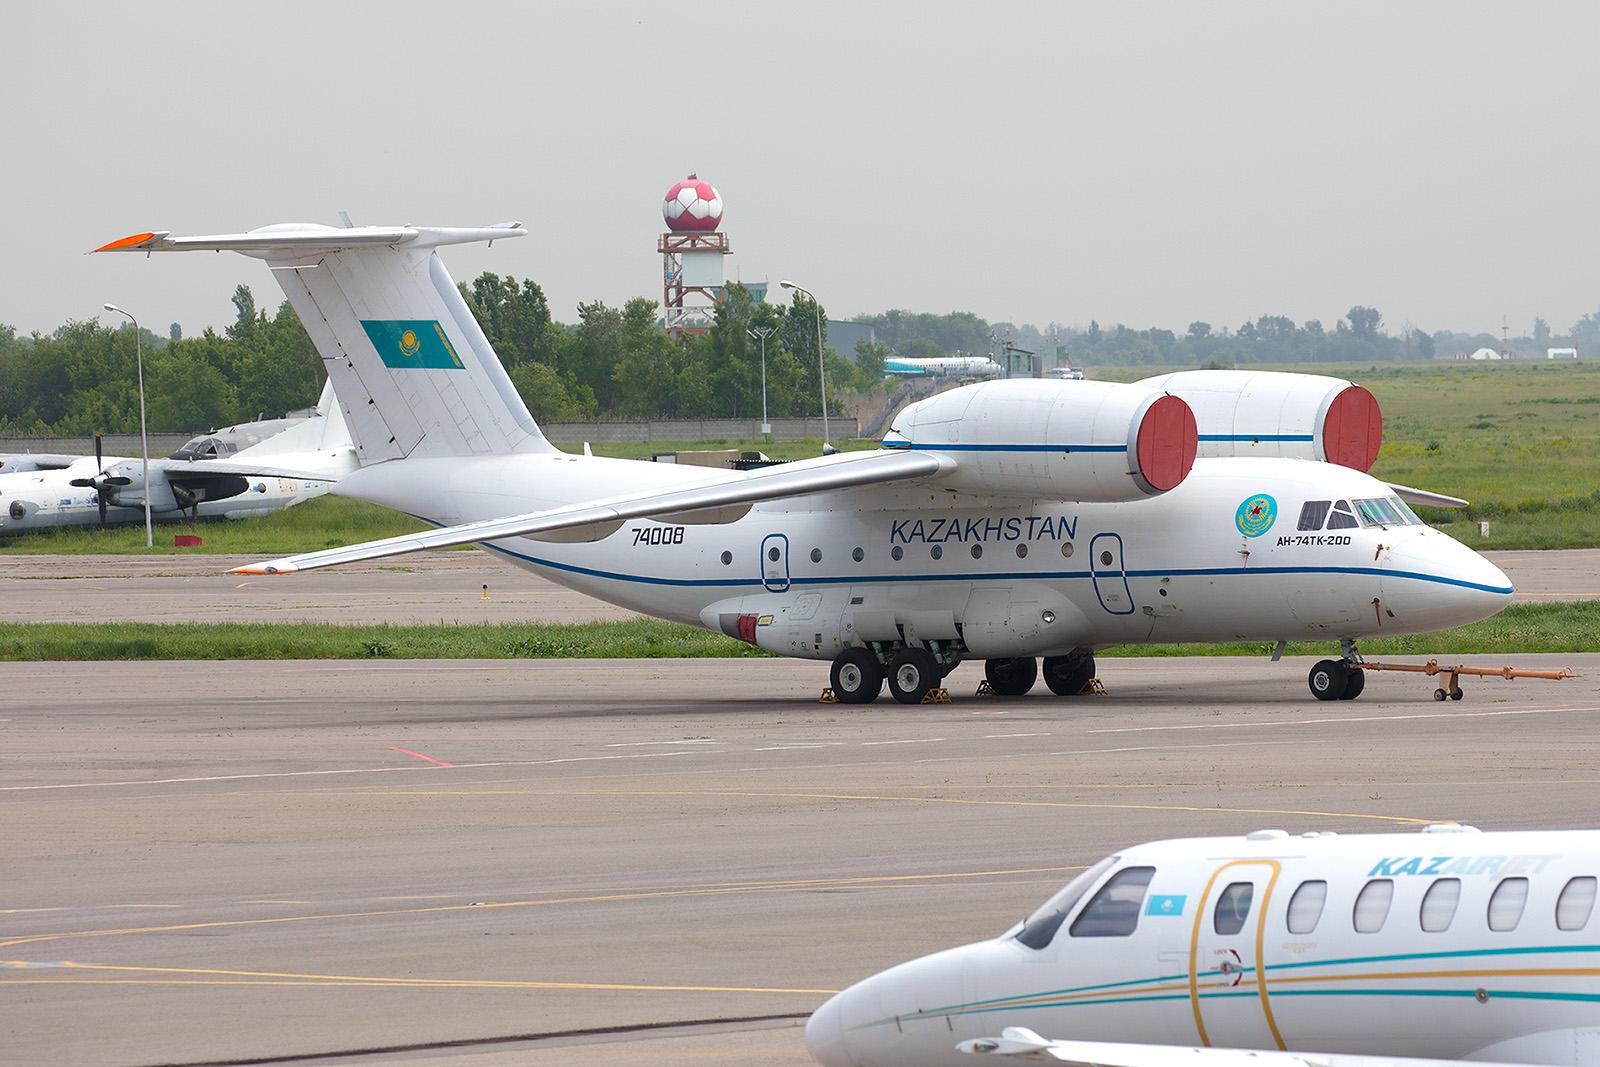 Direkt daneben stand diese Antonov An 74 der Luftwaffe für ViP-Transporte.